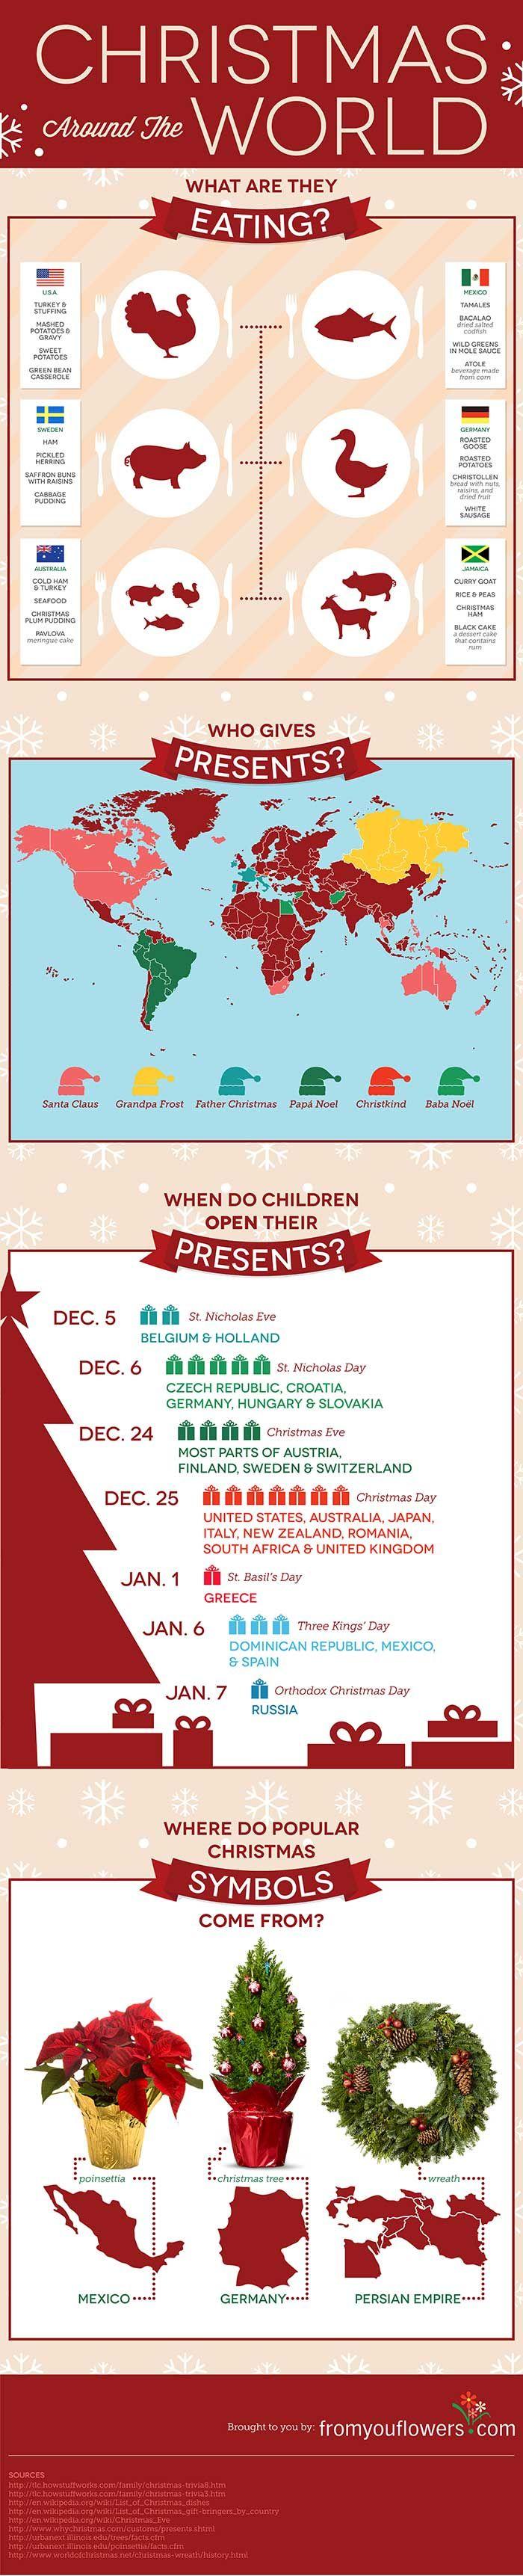 Navidad alrededor del Mundo #infografia #infographic